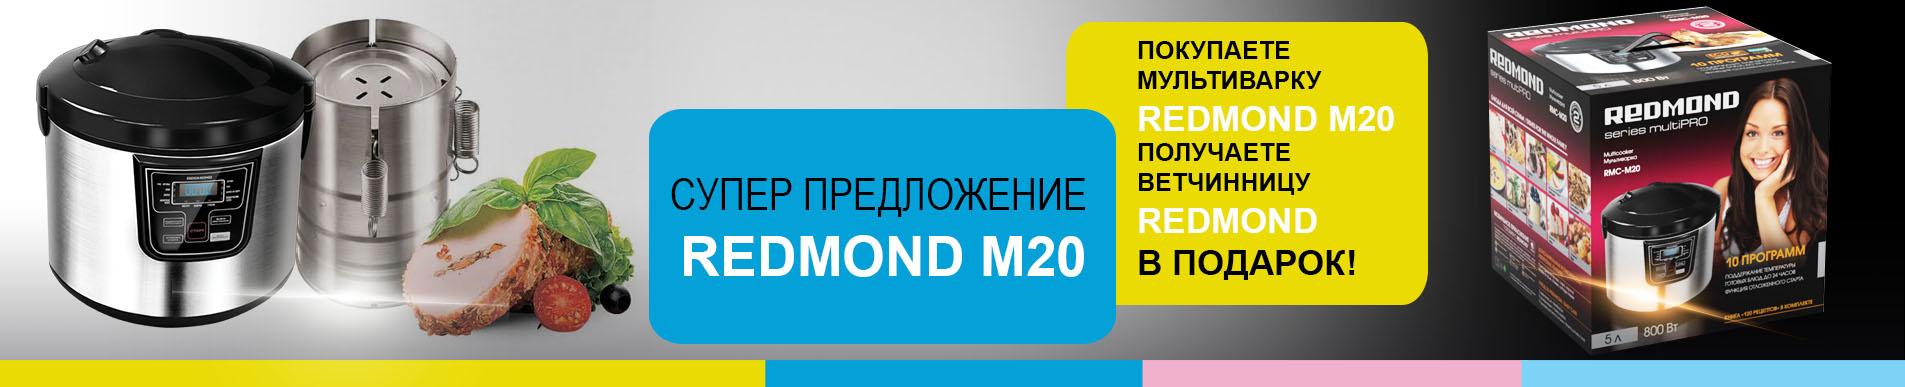 Redmond_1